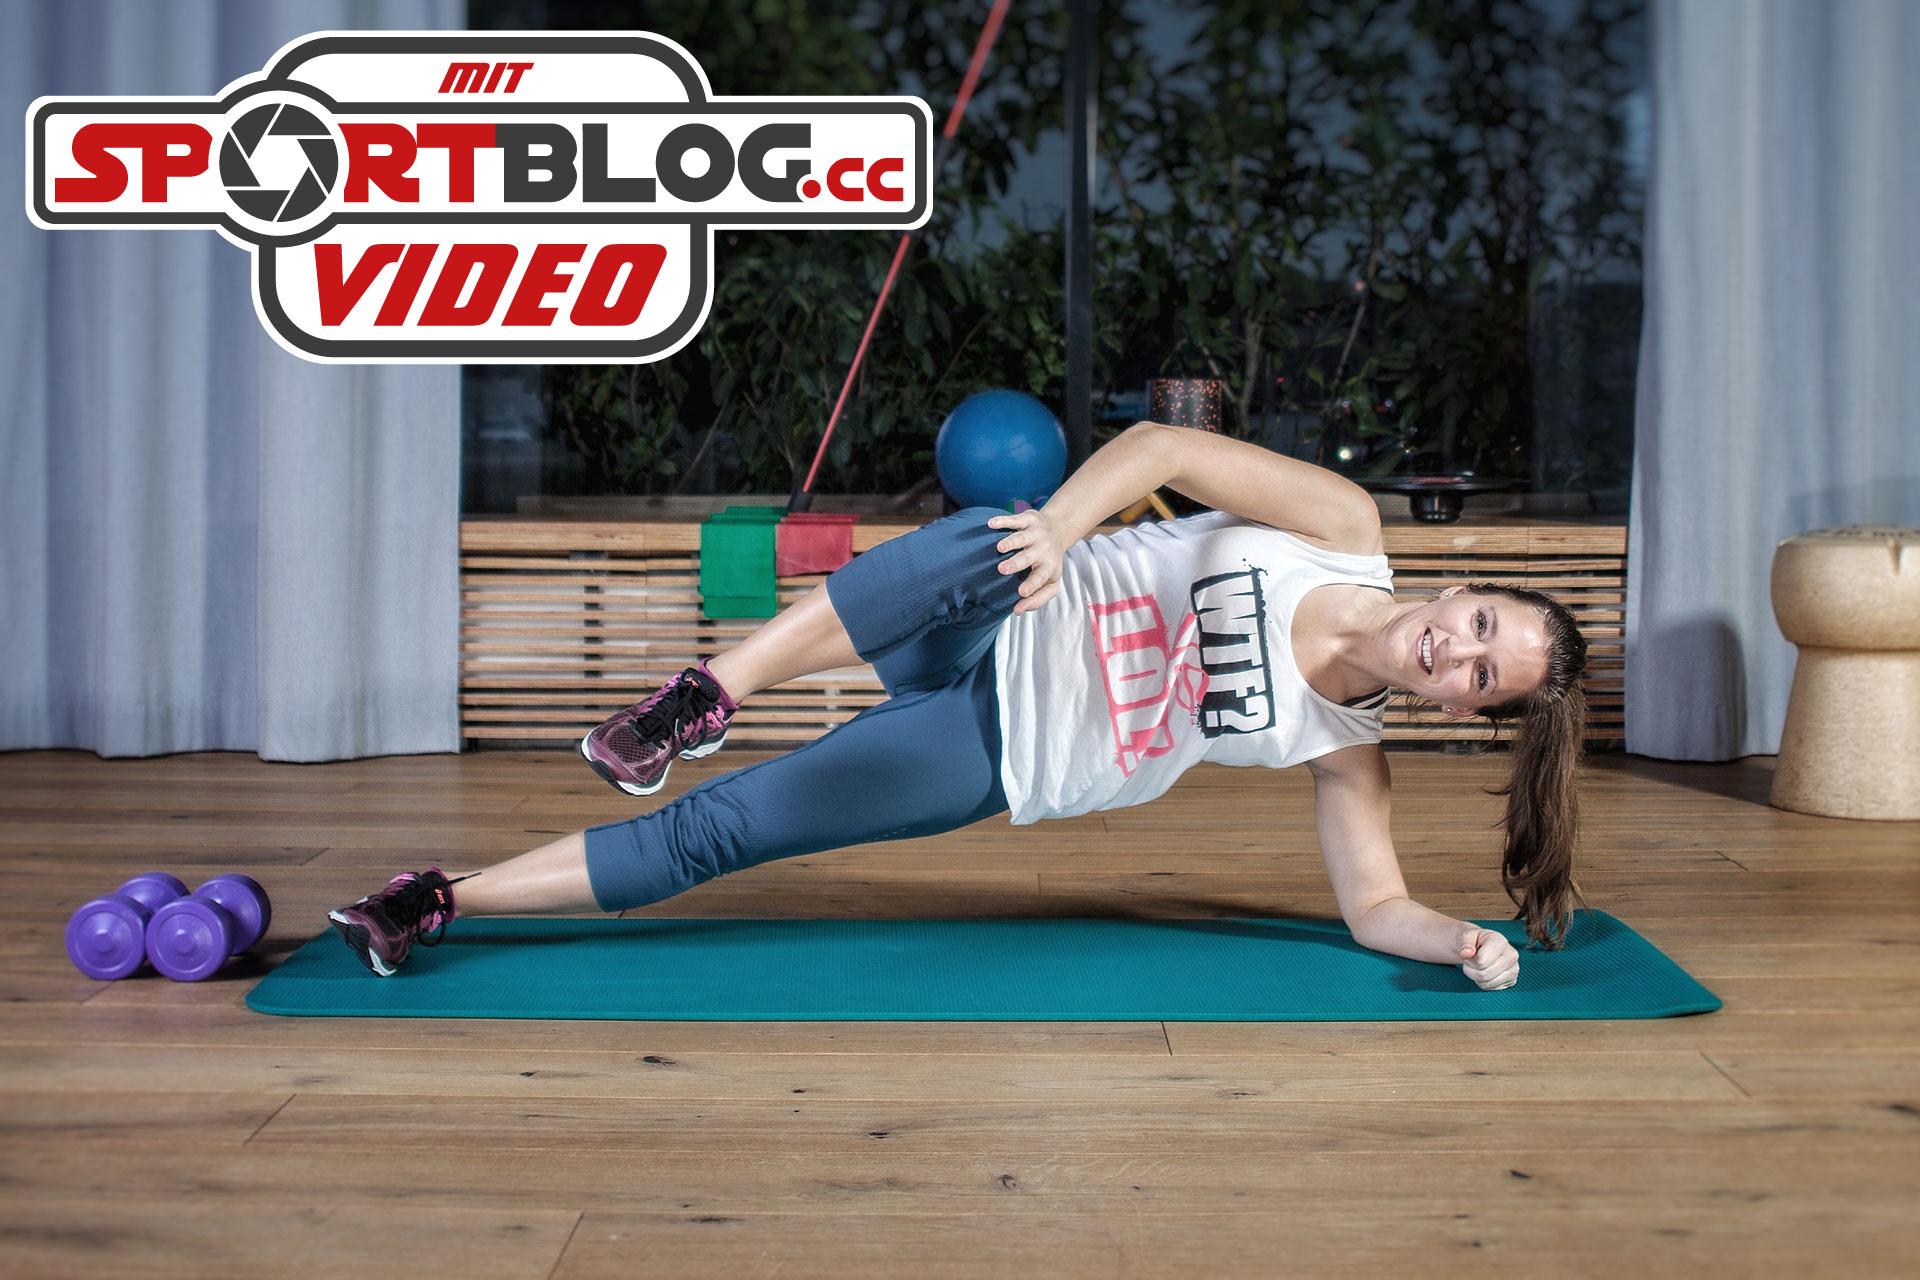 Fitnessbloggerin Bernadette Hörner demonstriert eine Seitstütz-Variante für Fortgeschrittene